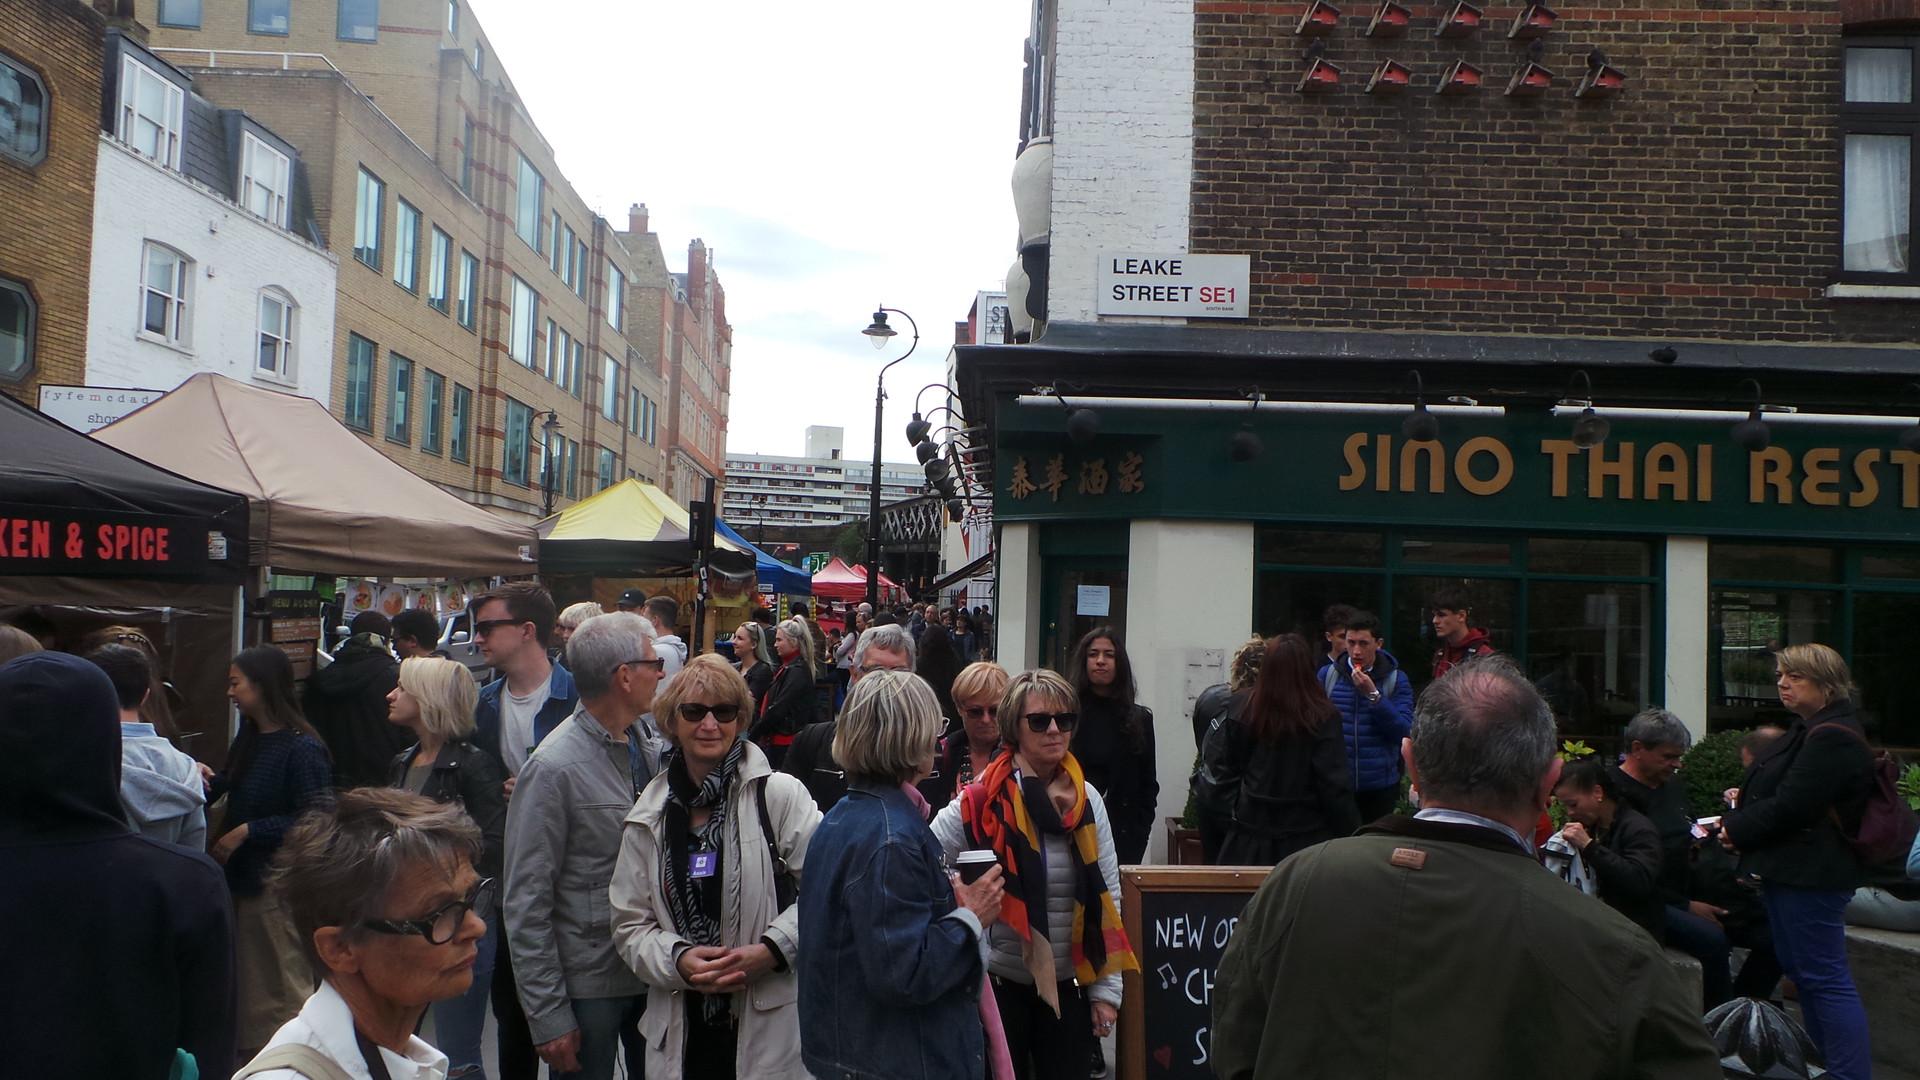 Le marché de Portobello Road